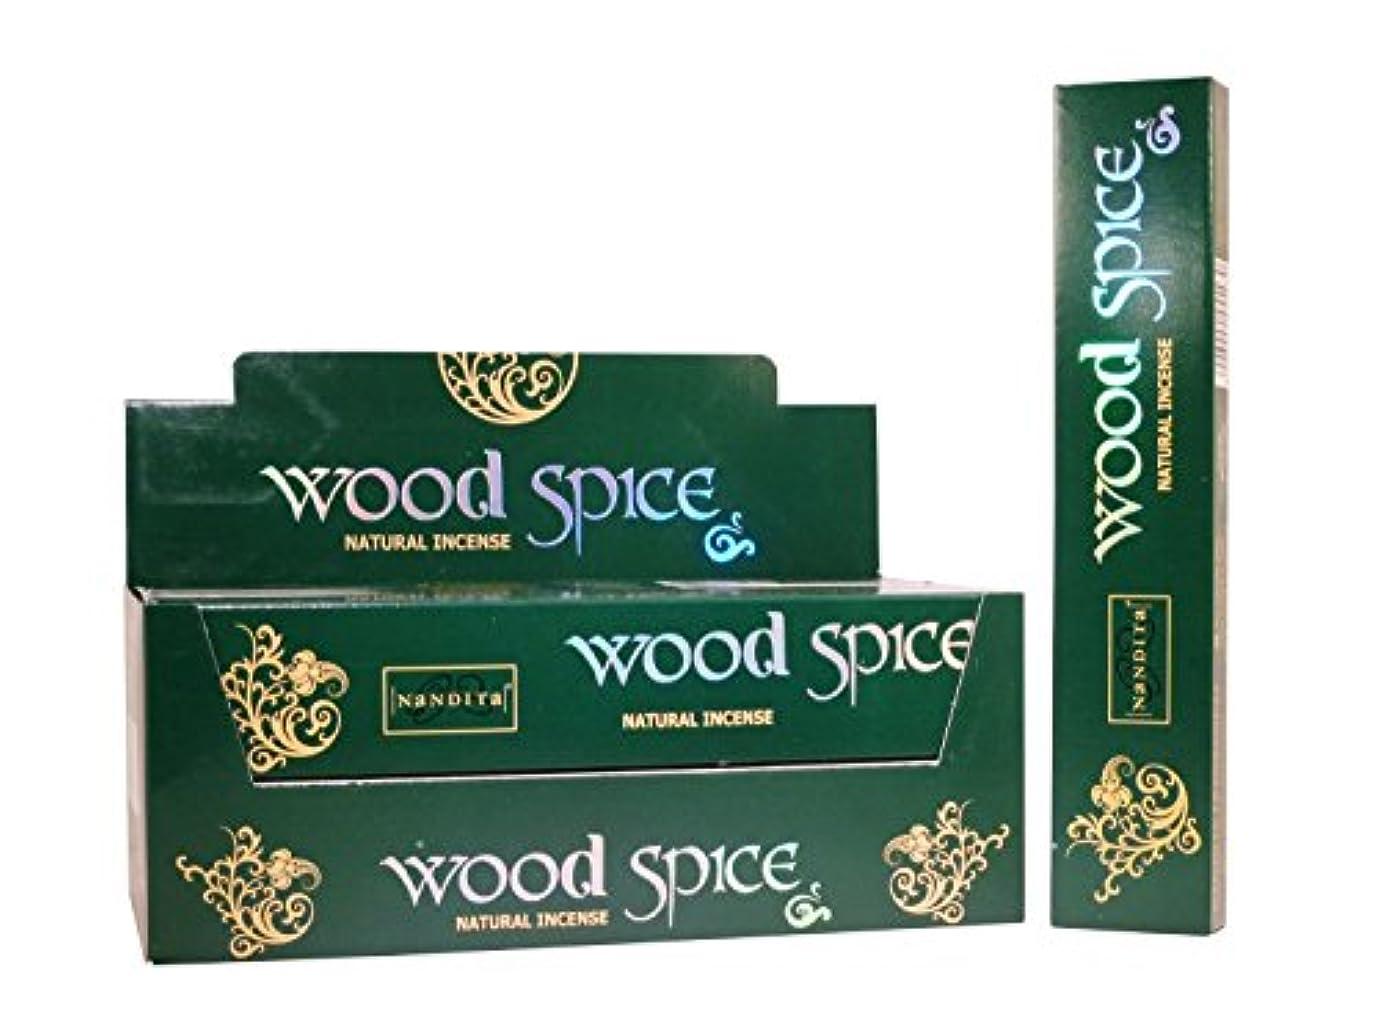 役立つヒント移行するNandita Wood Spice Natural Incense